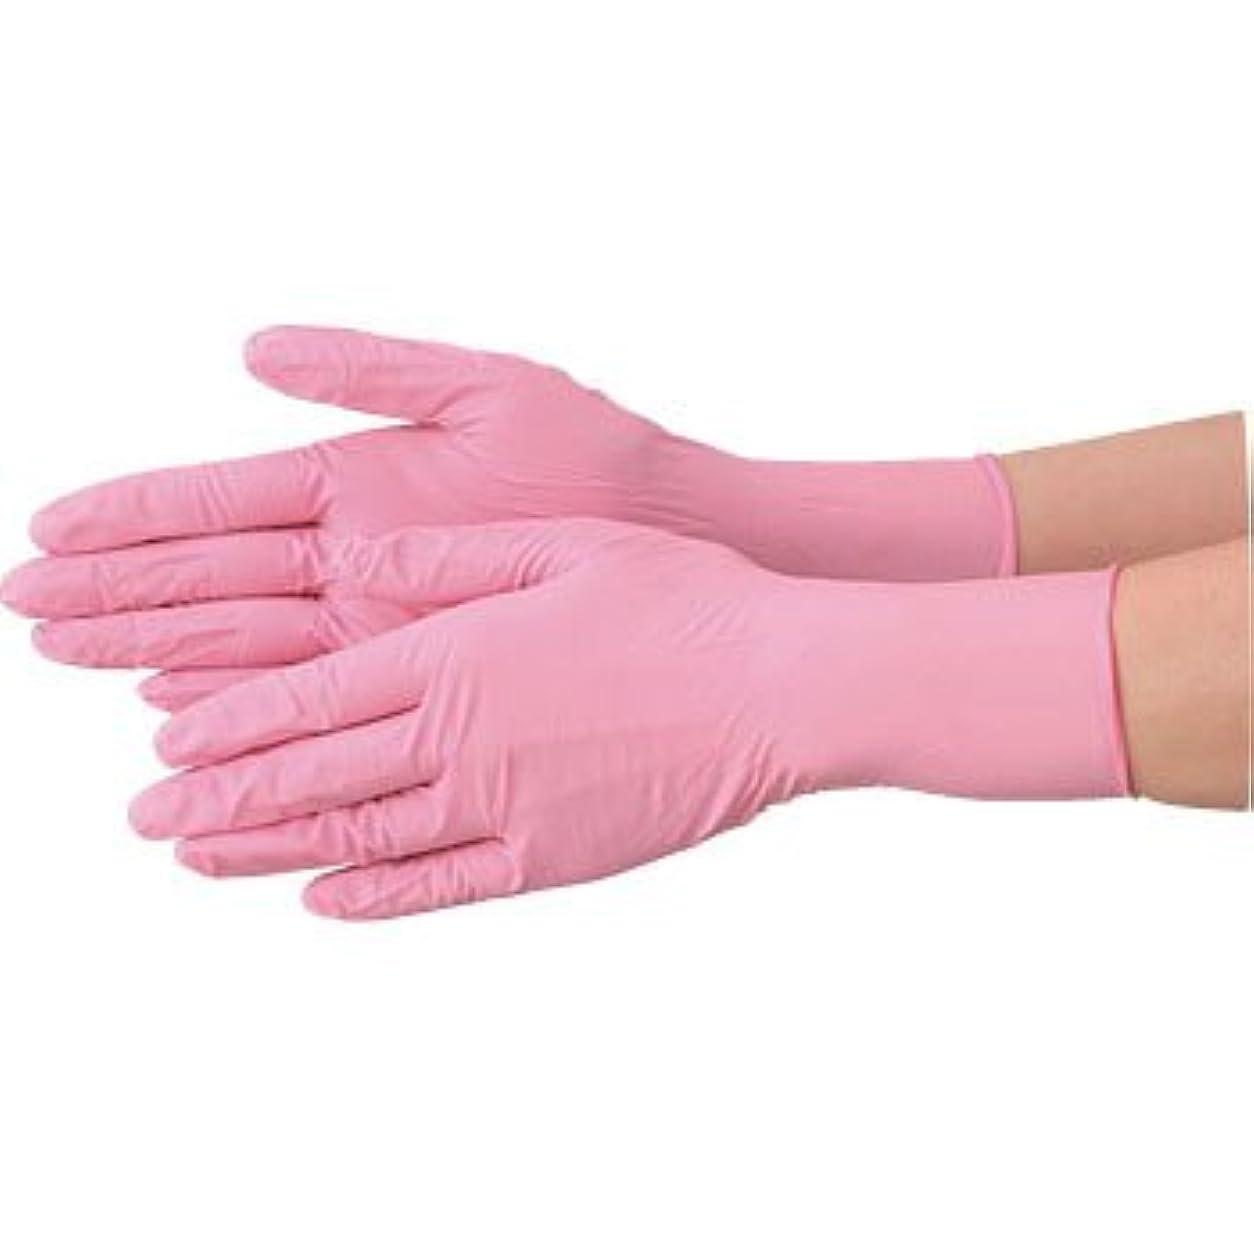 ガラスコーデリア請求使い捨て 手袋 エブノ 570 ニトリル ピンク Sサイズ パウダーフリー 2ケース(100枚×60箱)